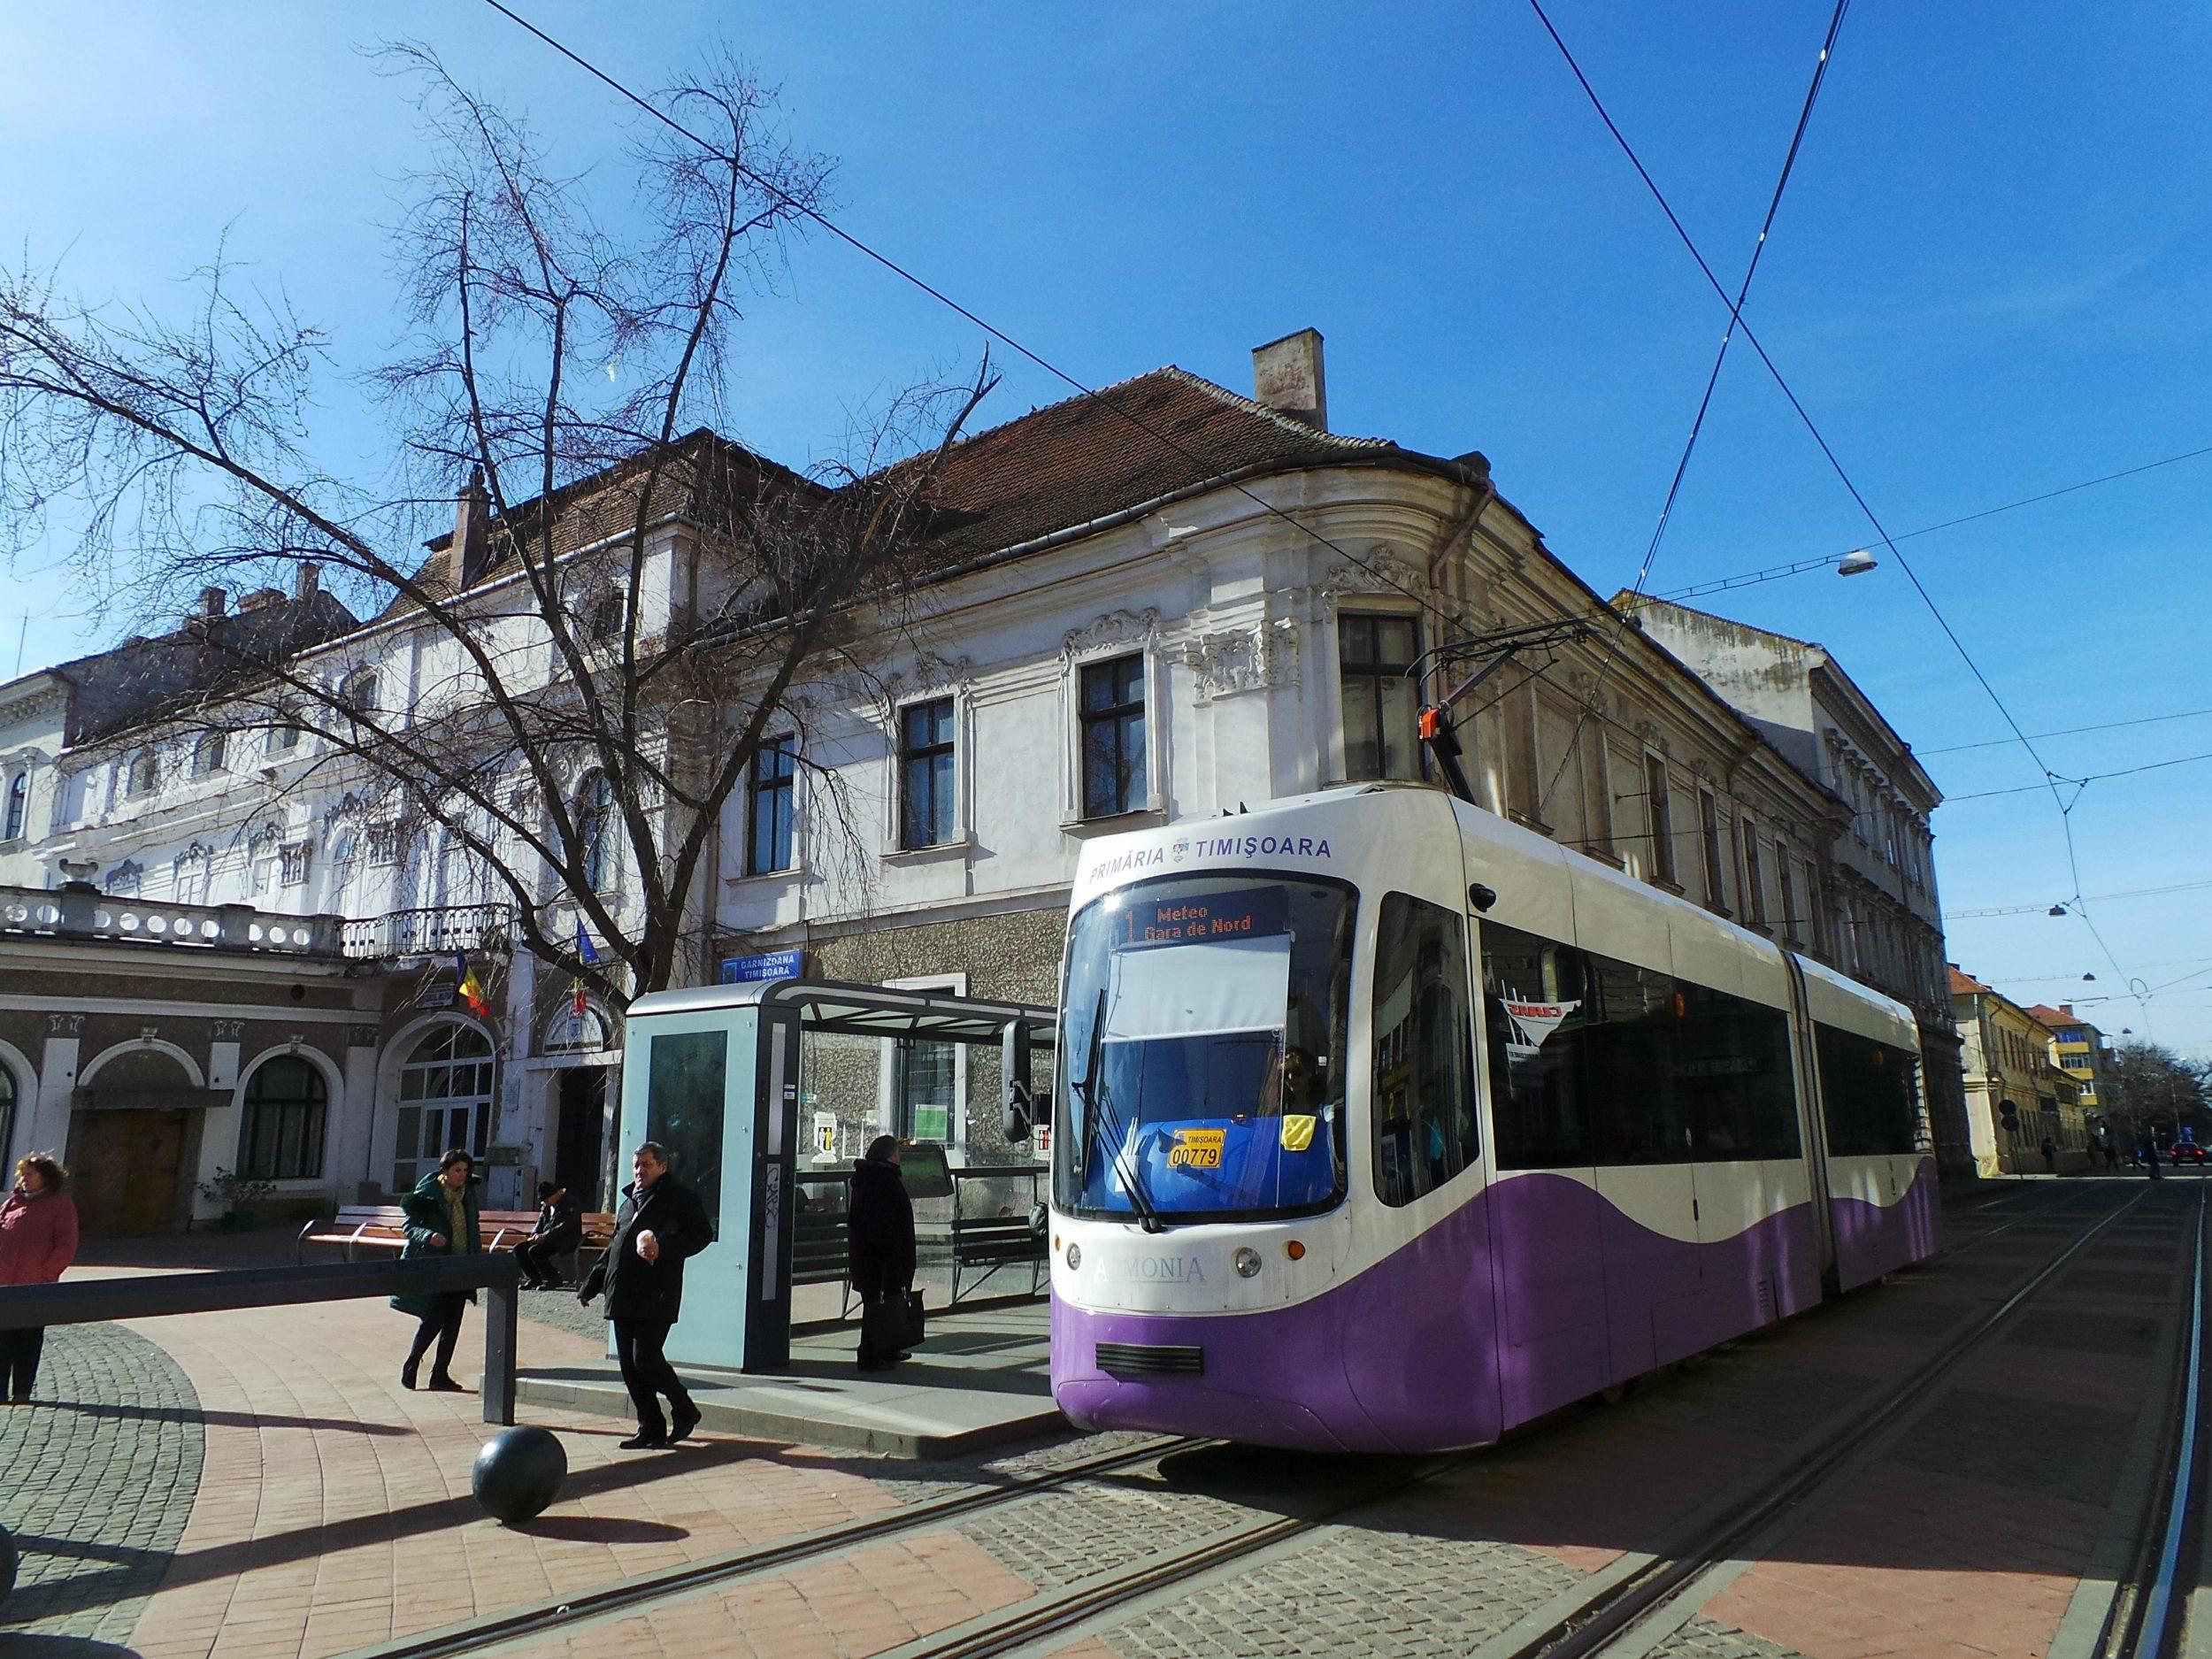 O fată a fost agresată sexual de un individ într-un tramvai, în Timișoara